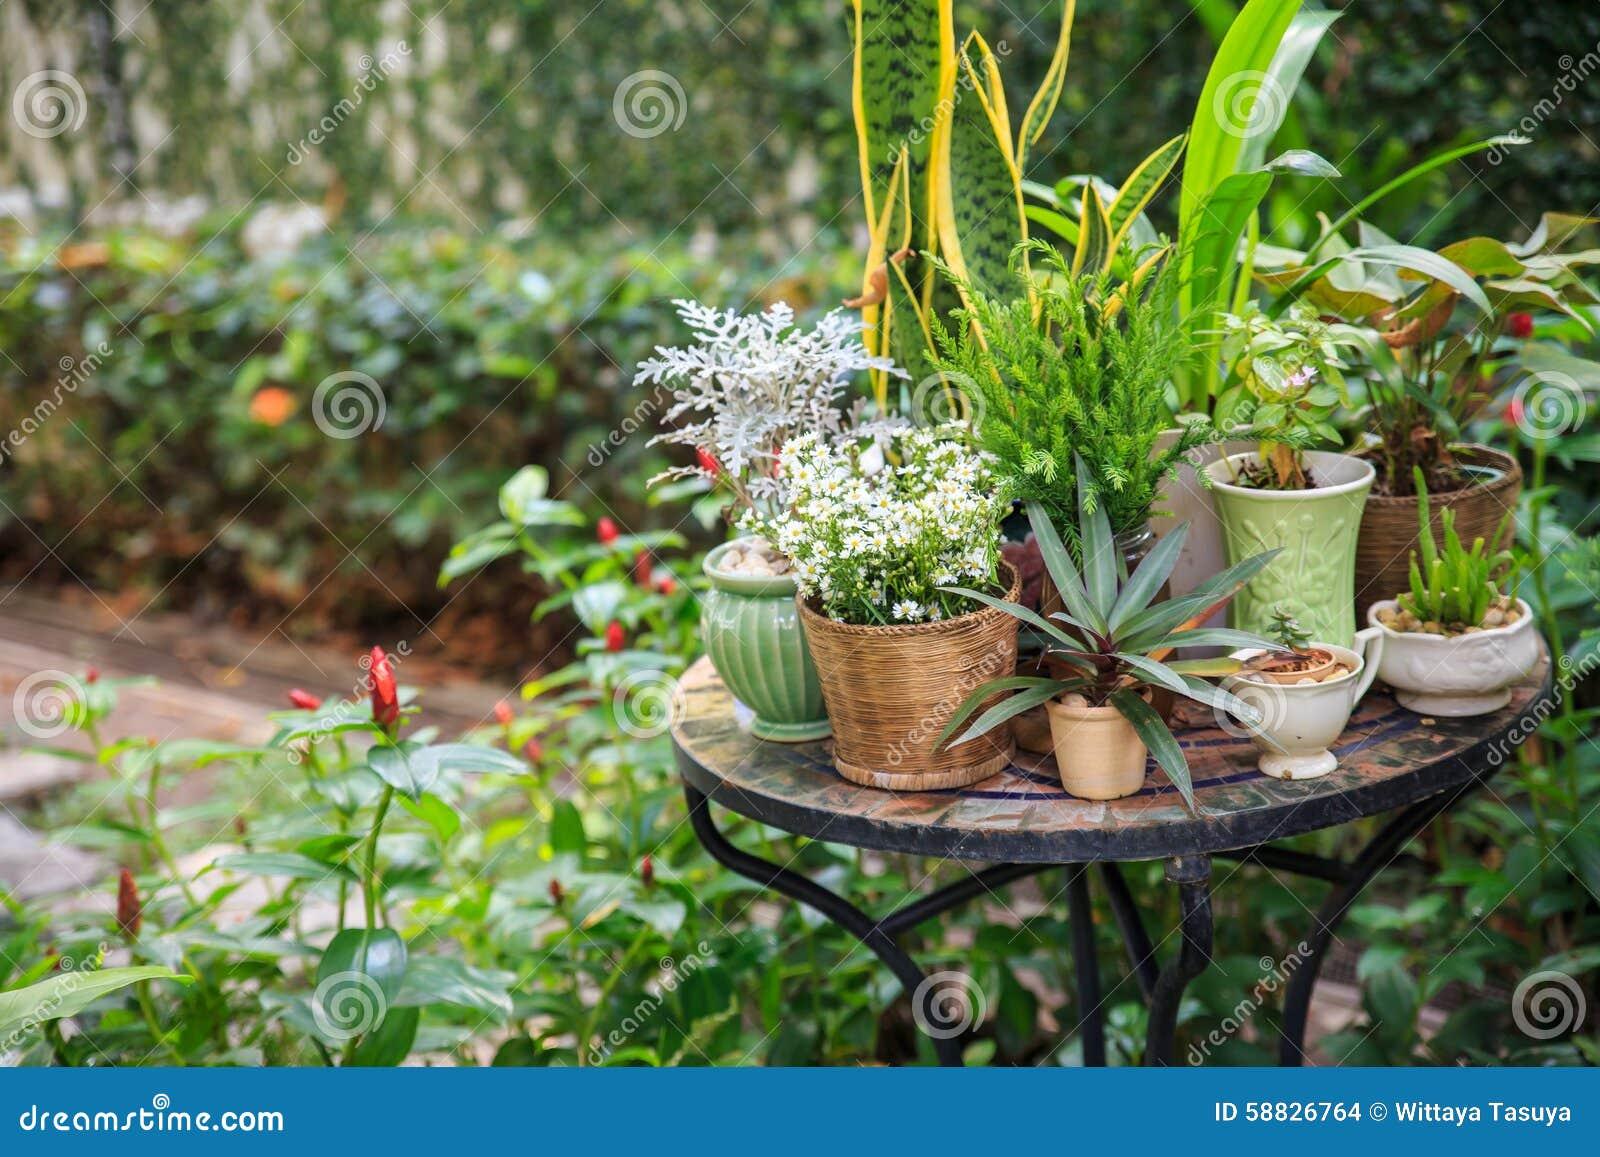 Topfpflanzen garten - Topfpflanzen garten ...